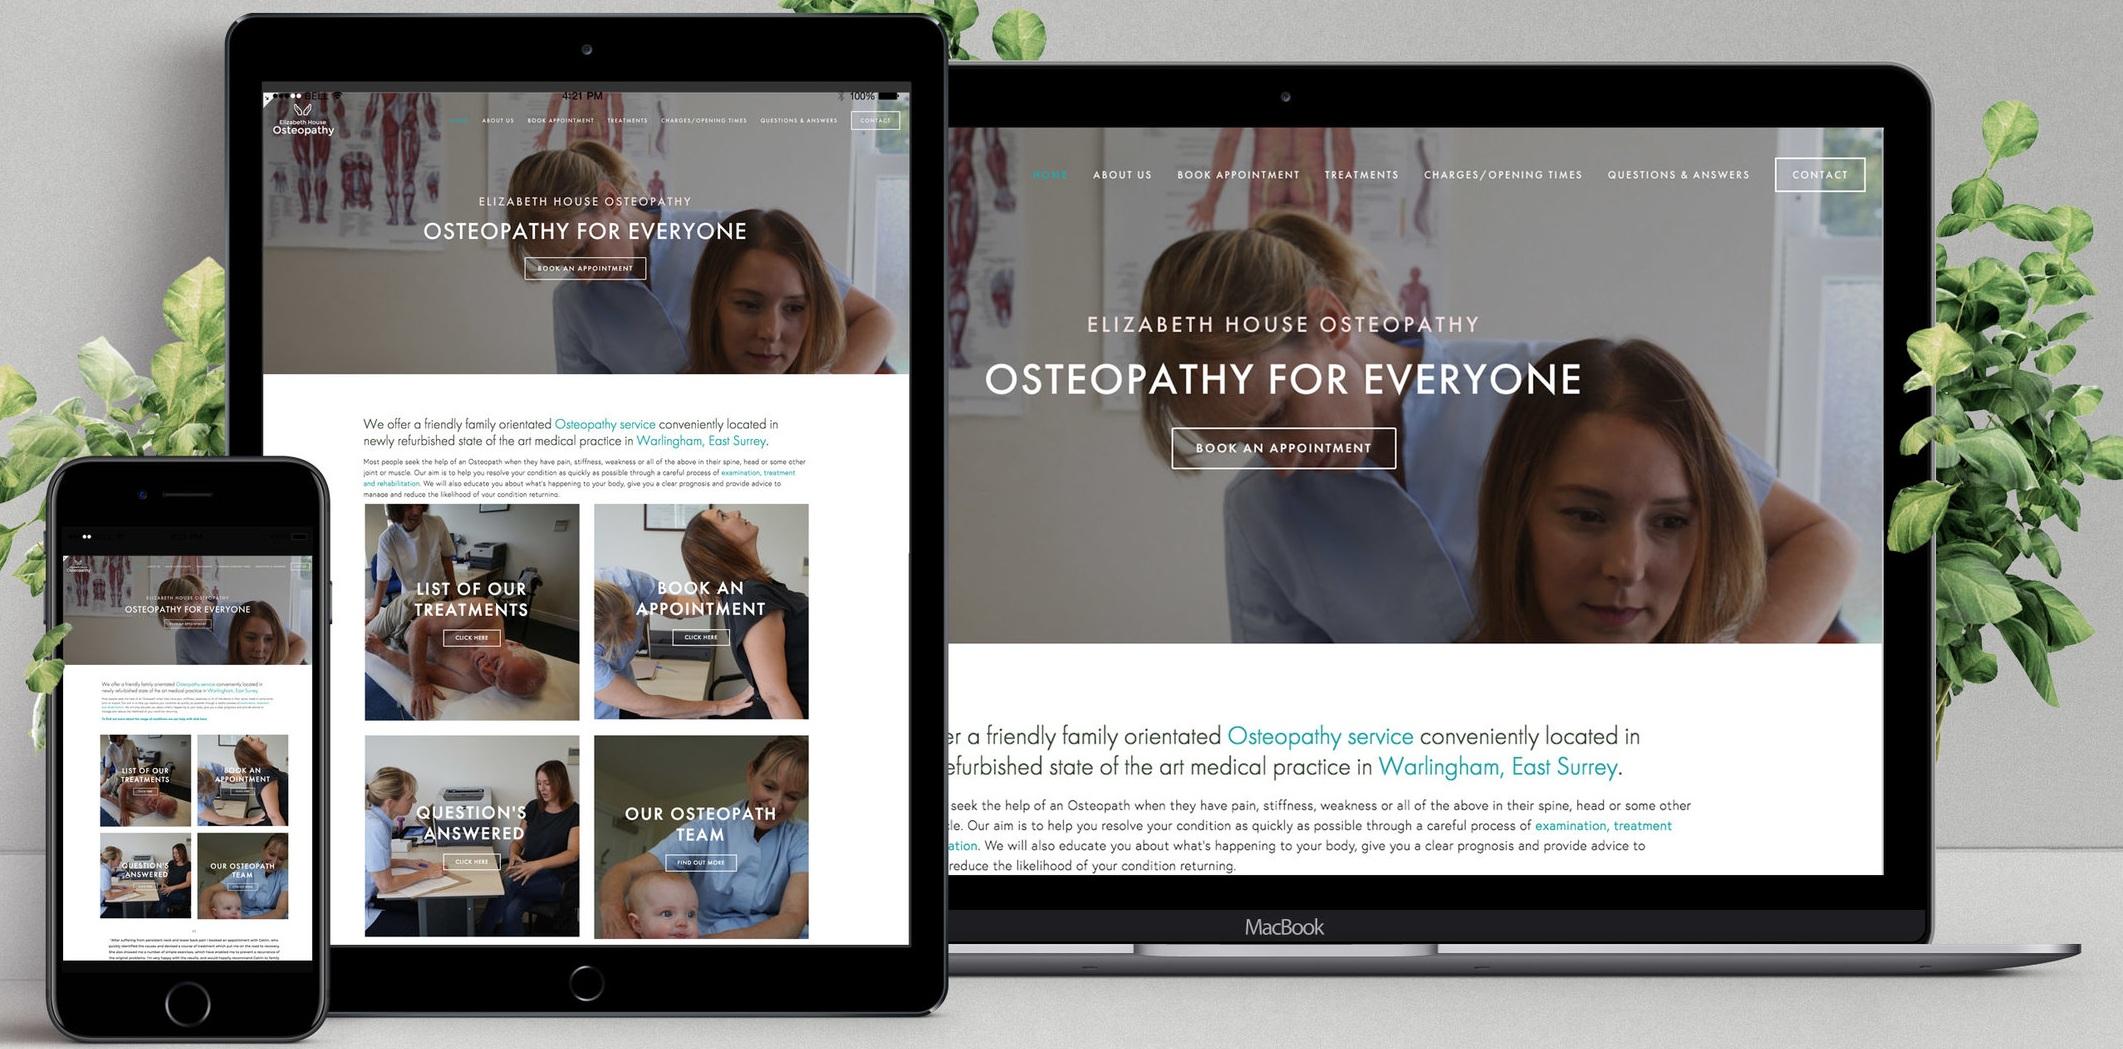 Elizabeth House Osteopathy